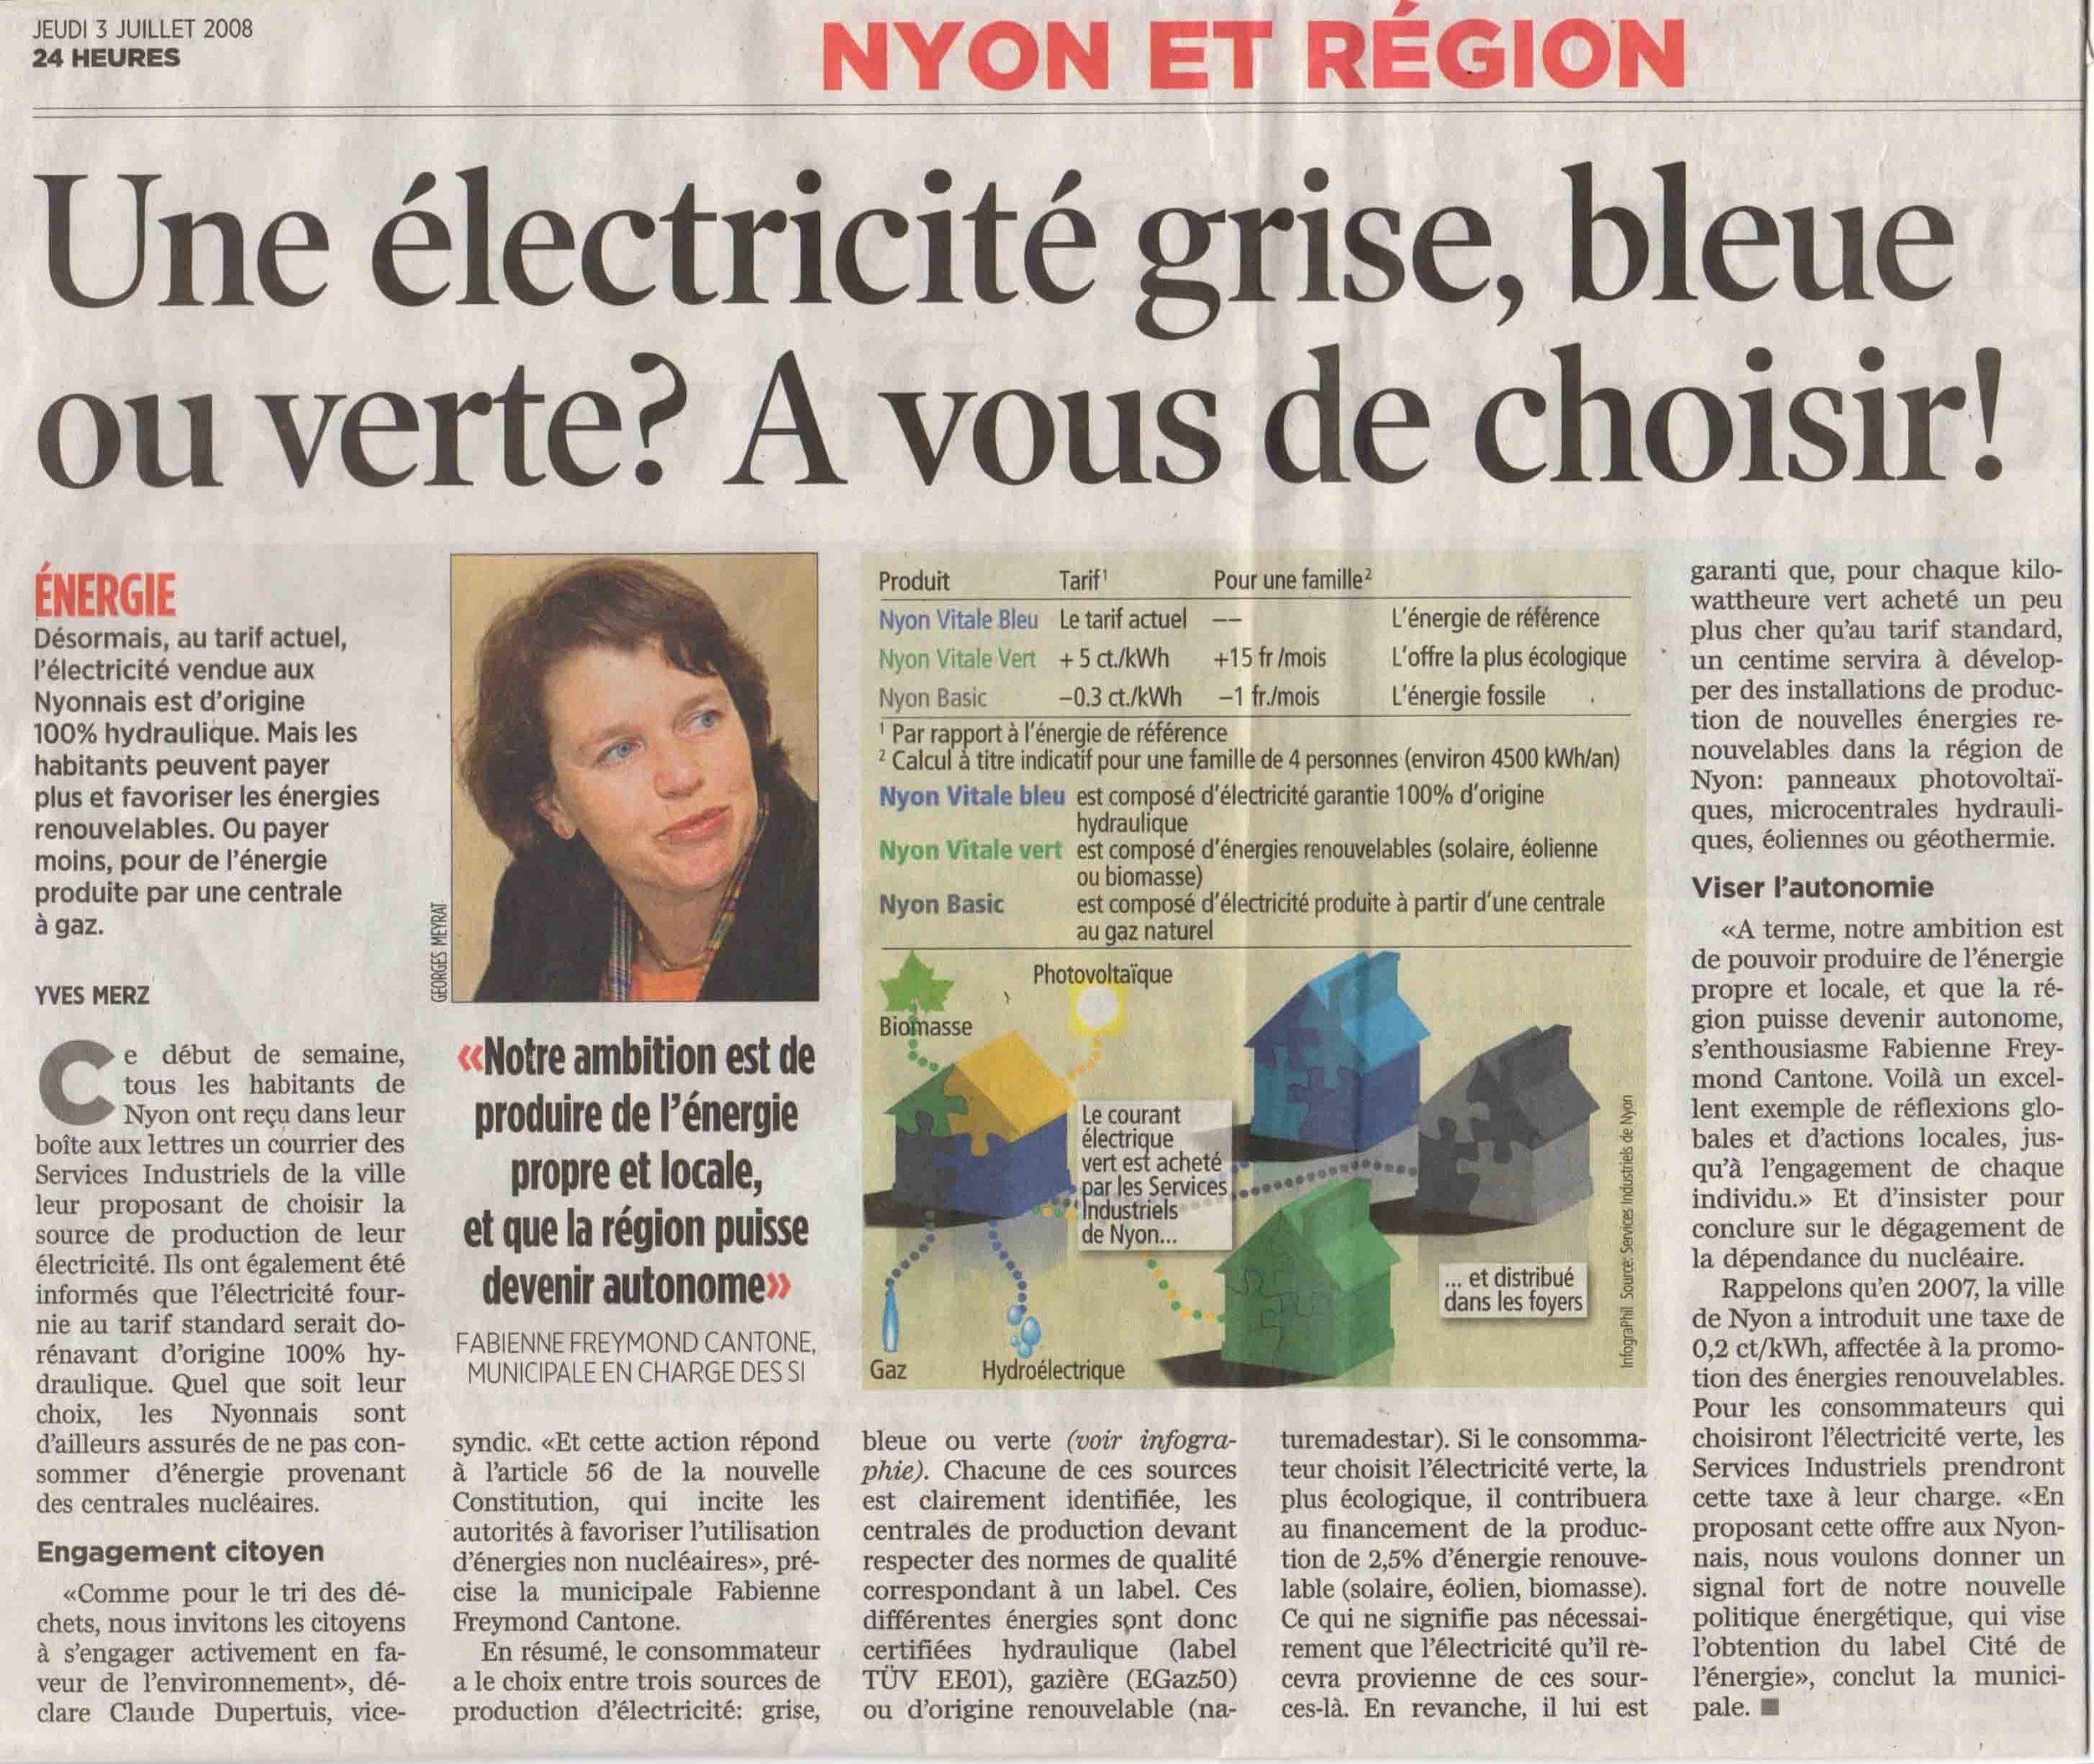 Copy of 2008-07-03 24 Heures - Electricité grise, bleue, verte